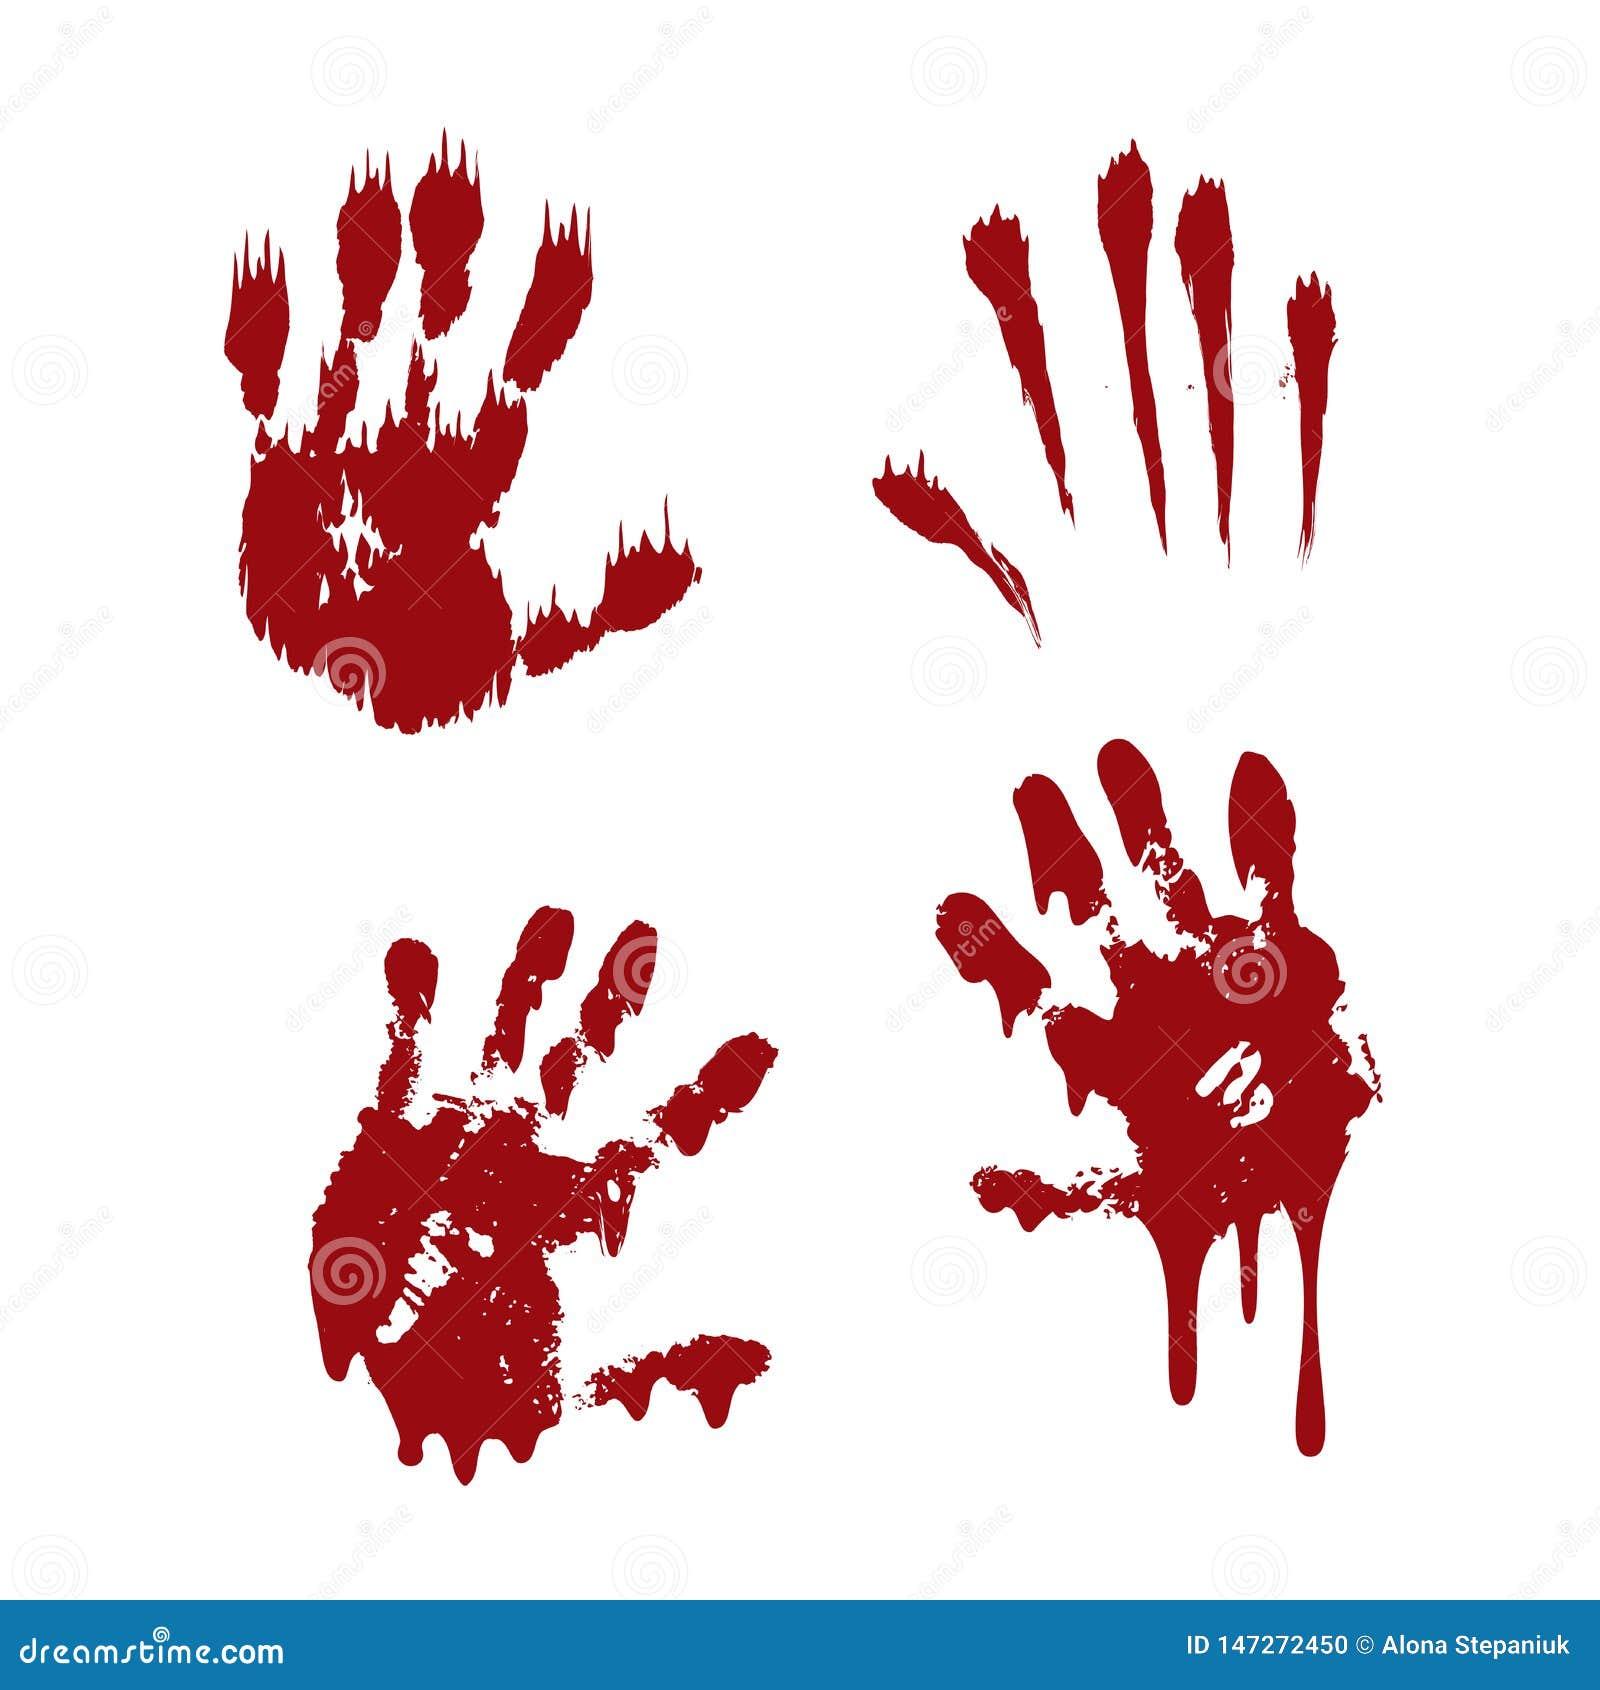 La impresi?n sangrienta de la mano fij? el fondo blanco aislado Handprint asustadizo de la sangre del horror, huella dactilar Pal